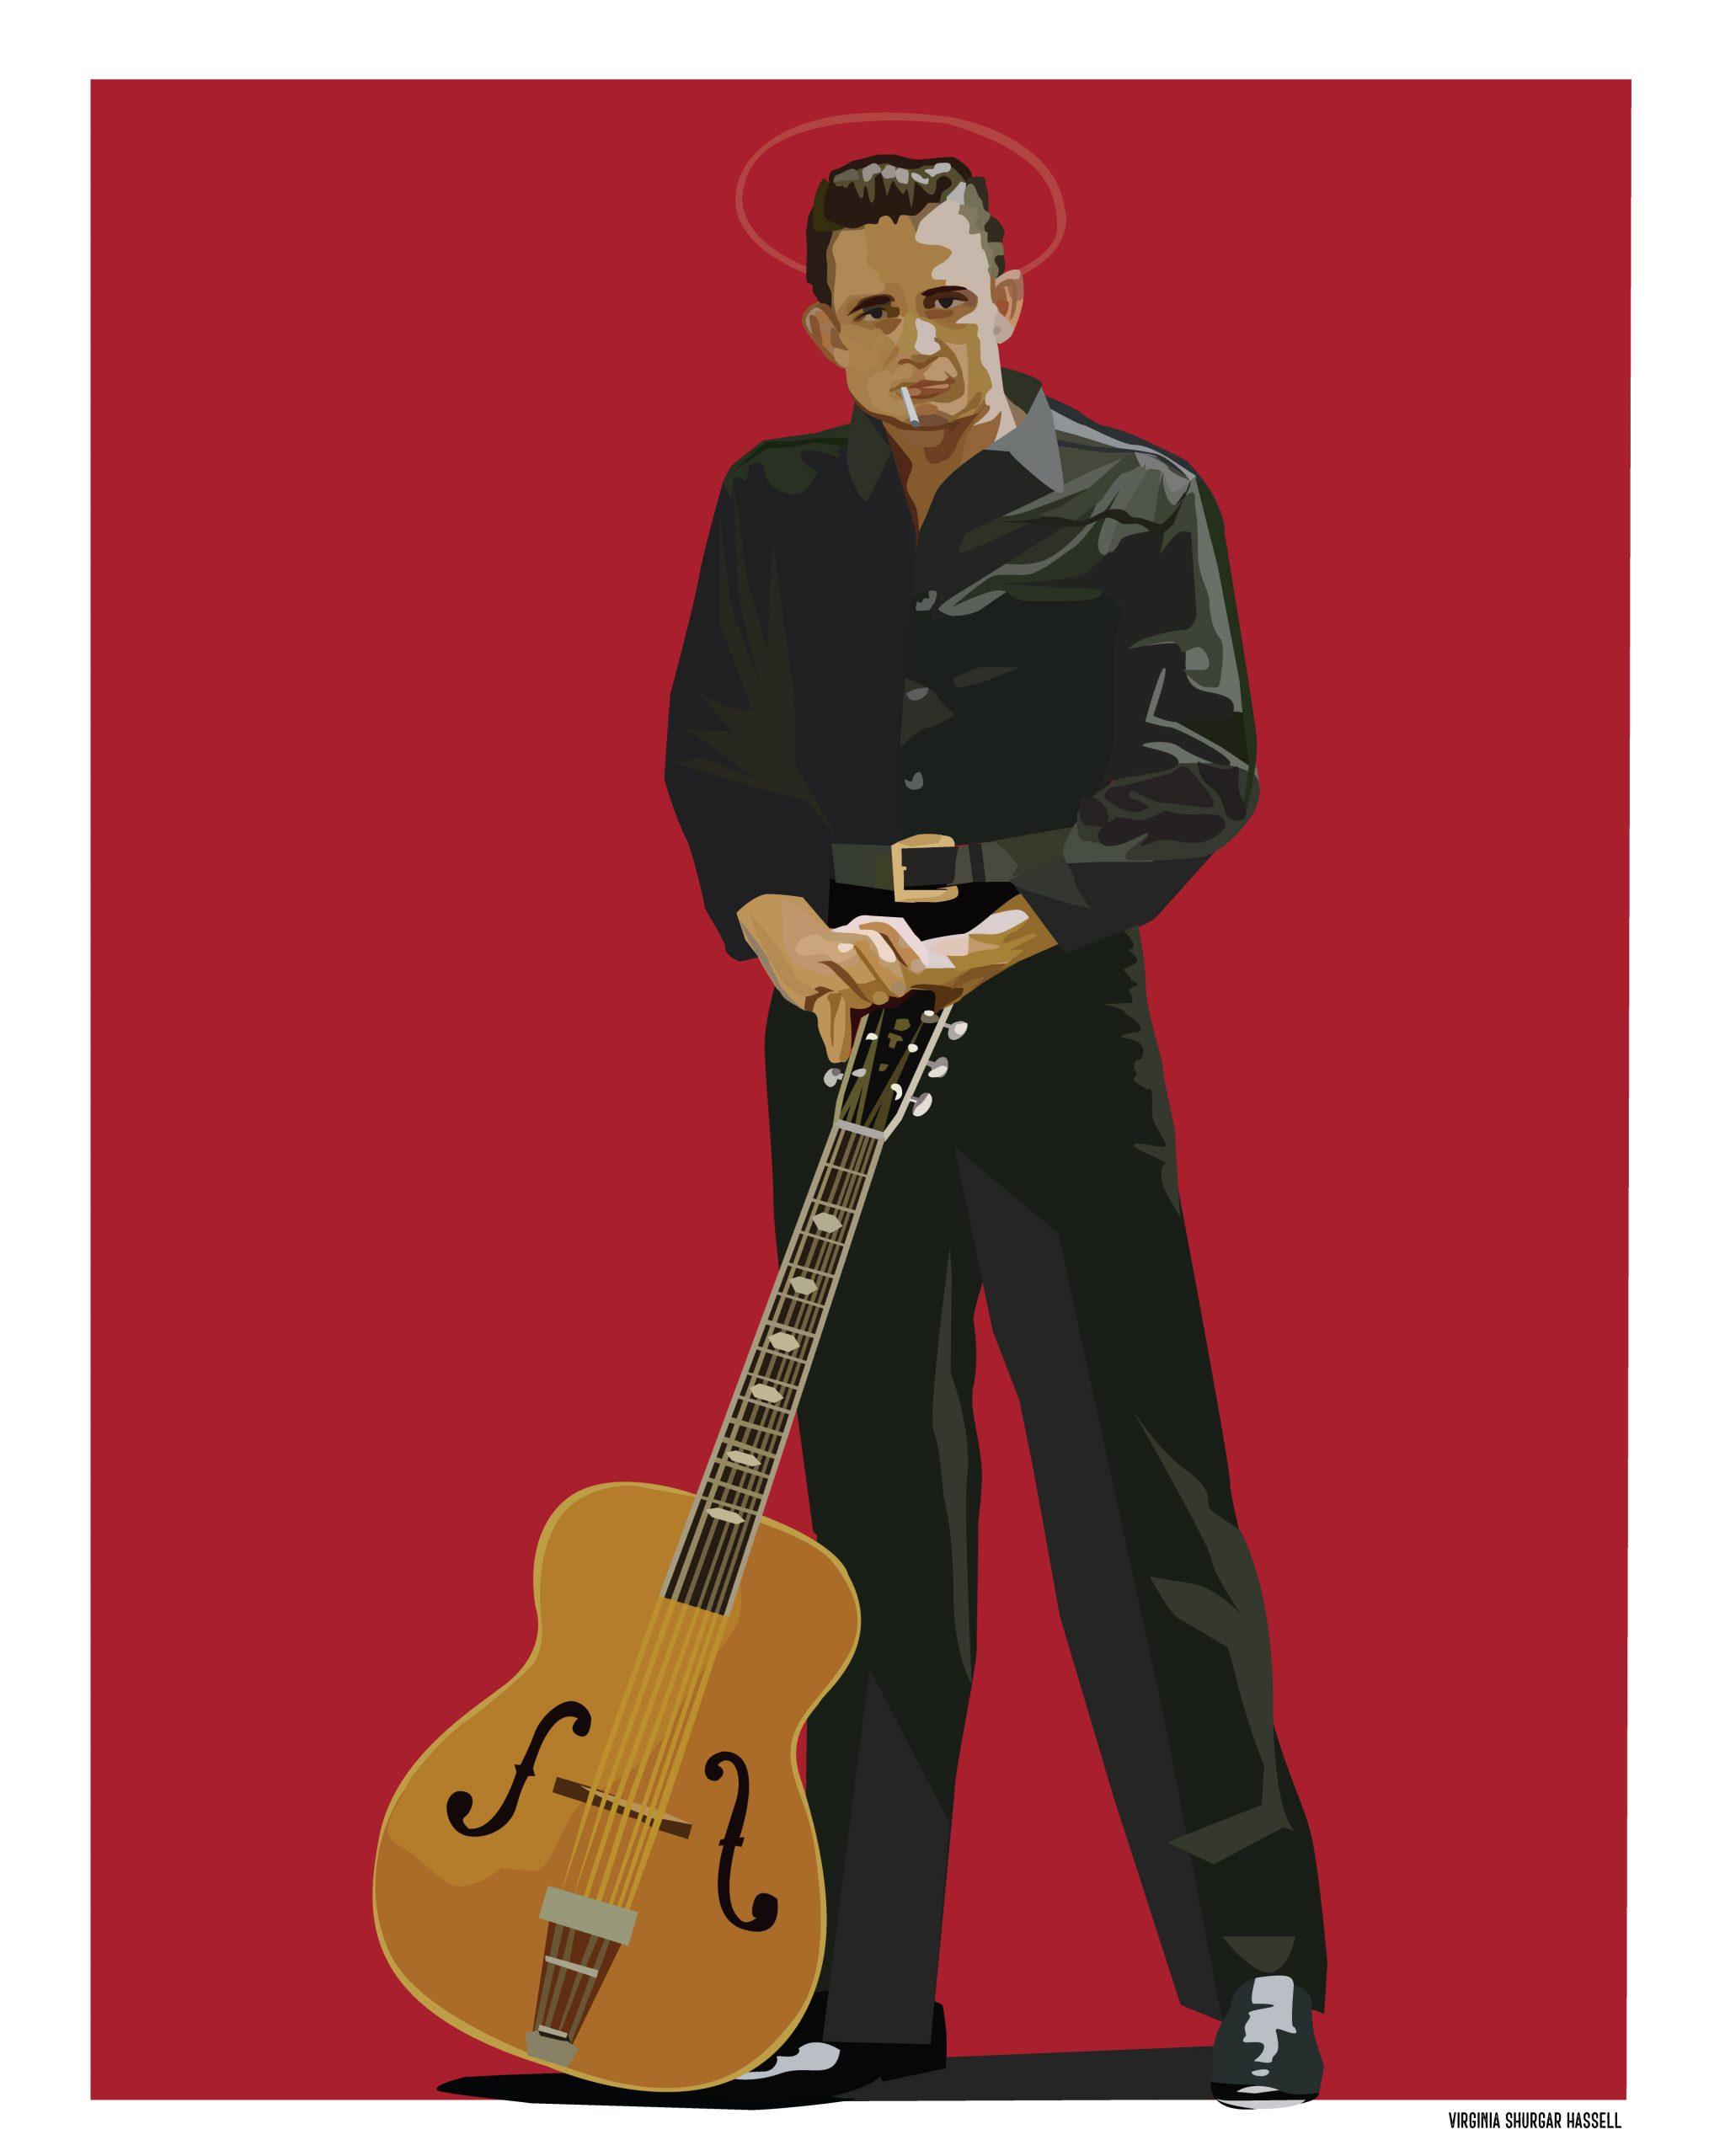 Johnny Cash — portrait